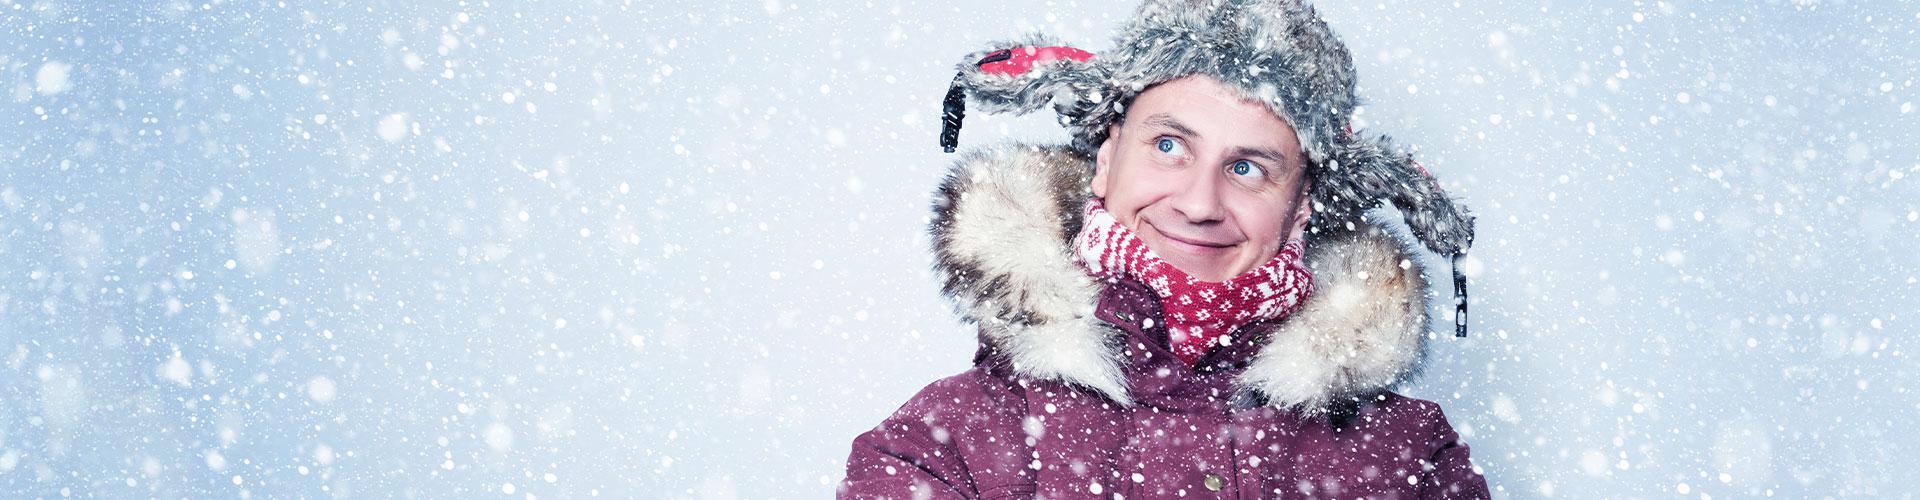 Mann mit Mütze im Schnee als Titelbild der Karriere Seite